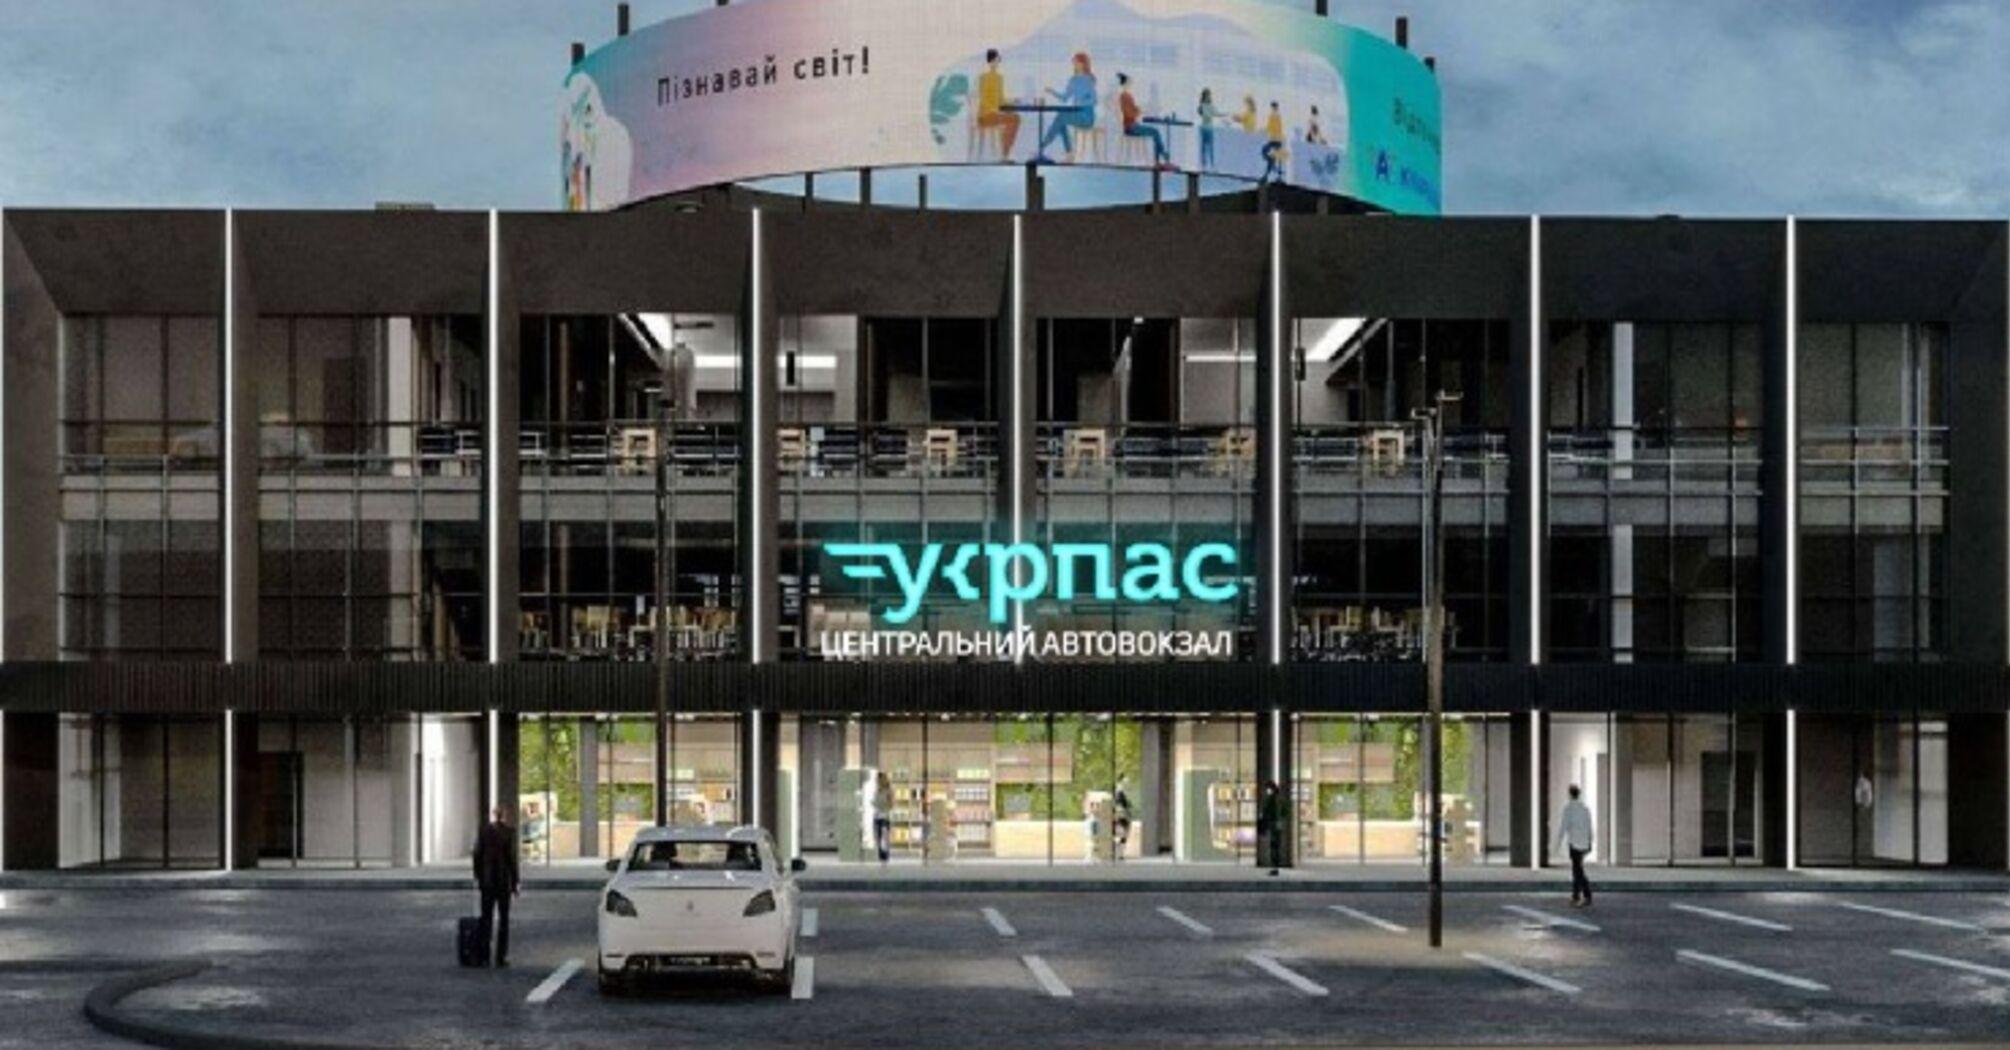 Київський Центральний автовокзал отримав нову айдентику. Як вона виглядає?